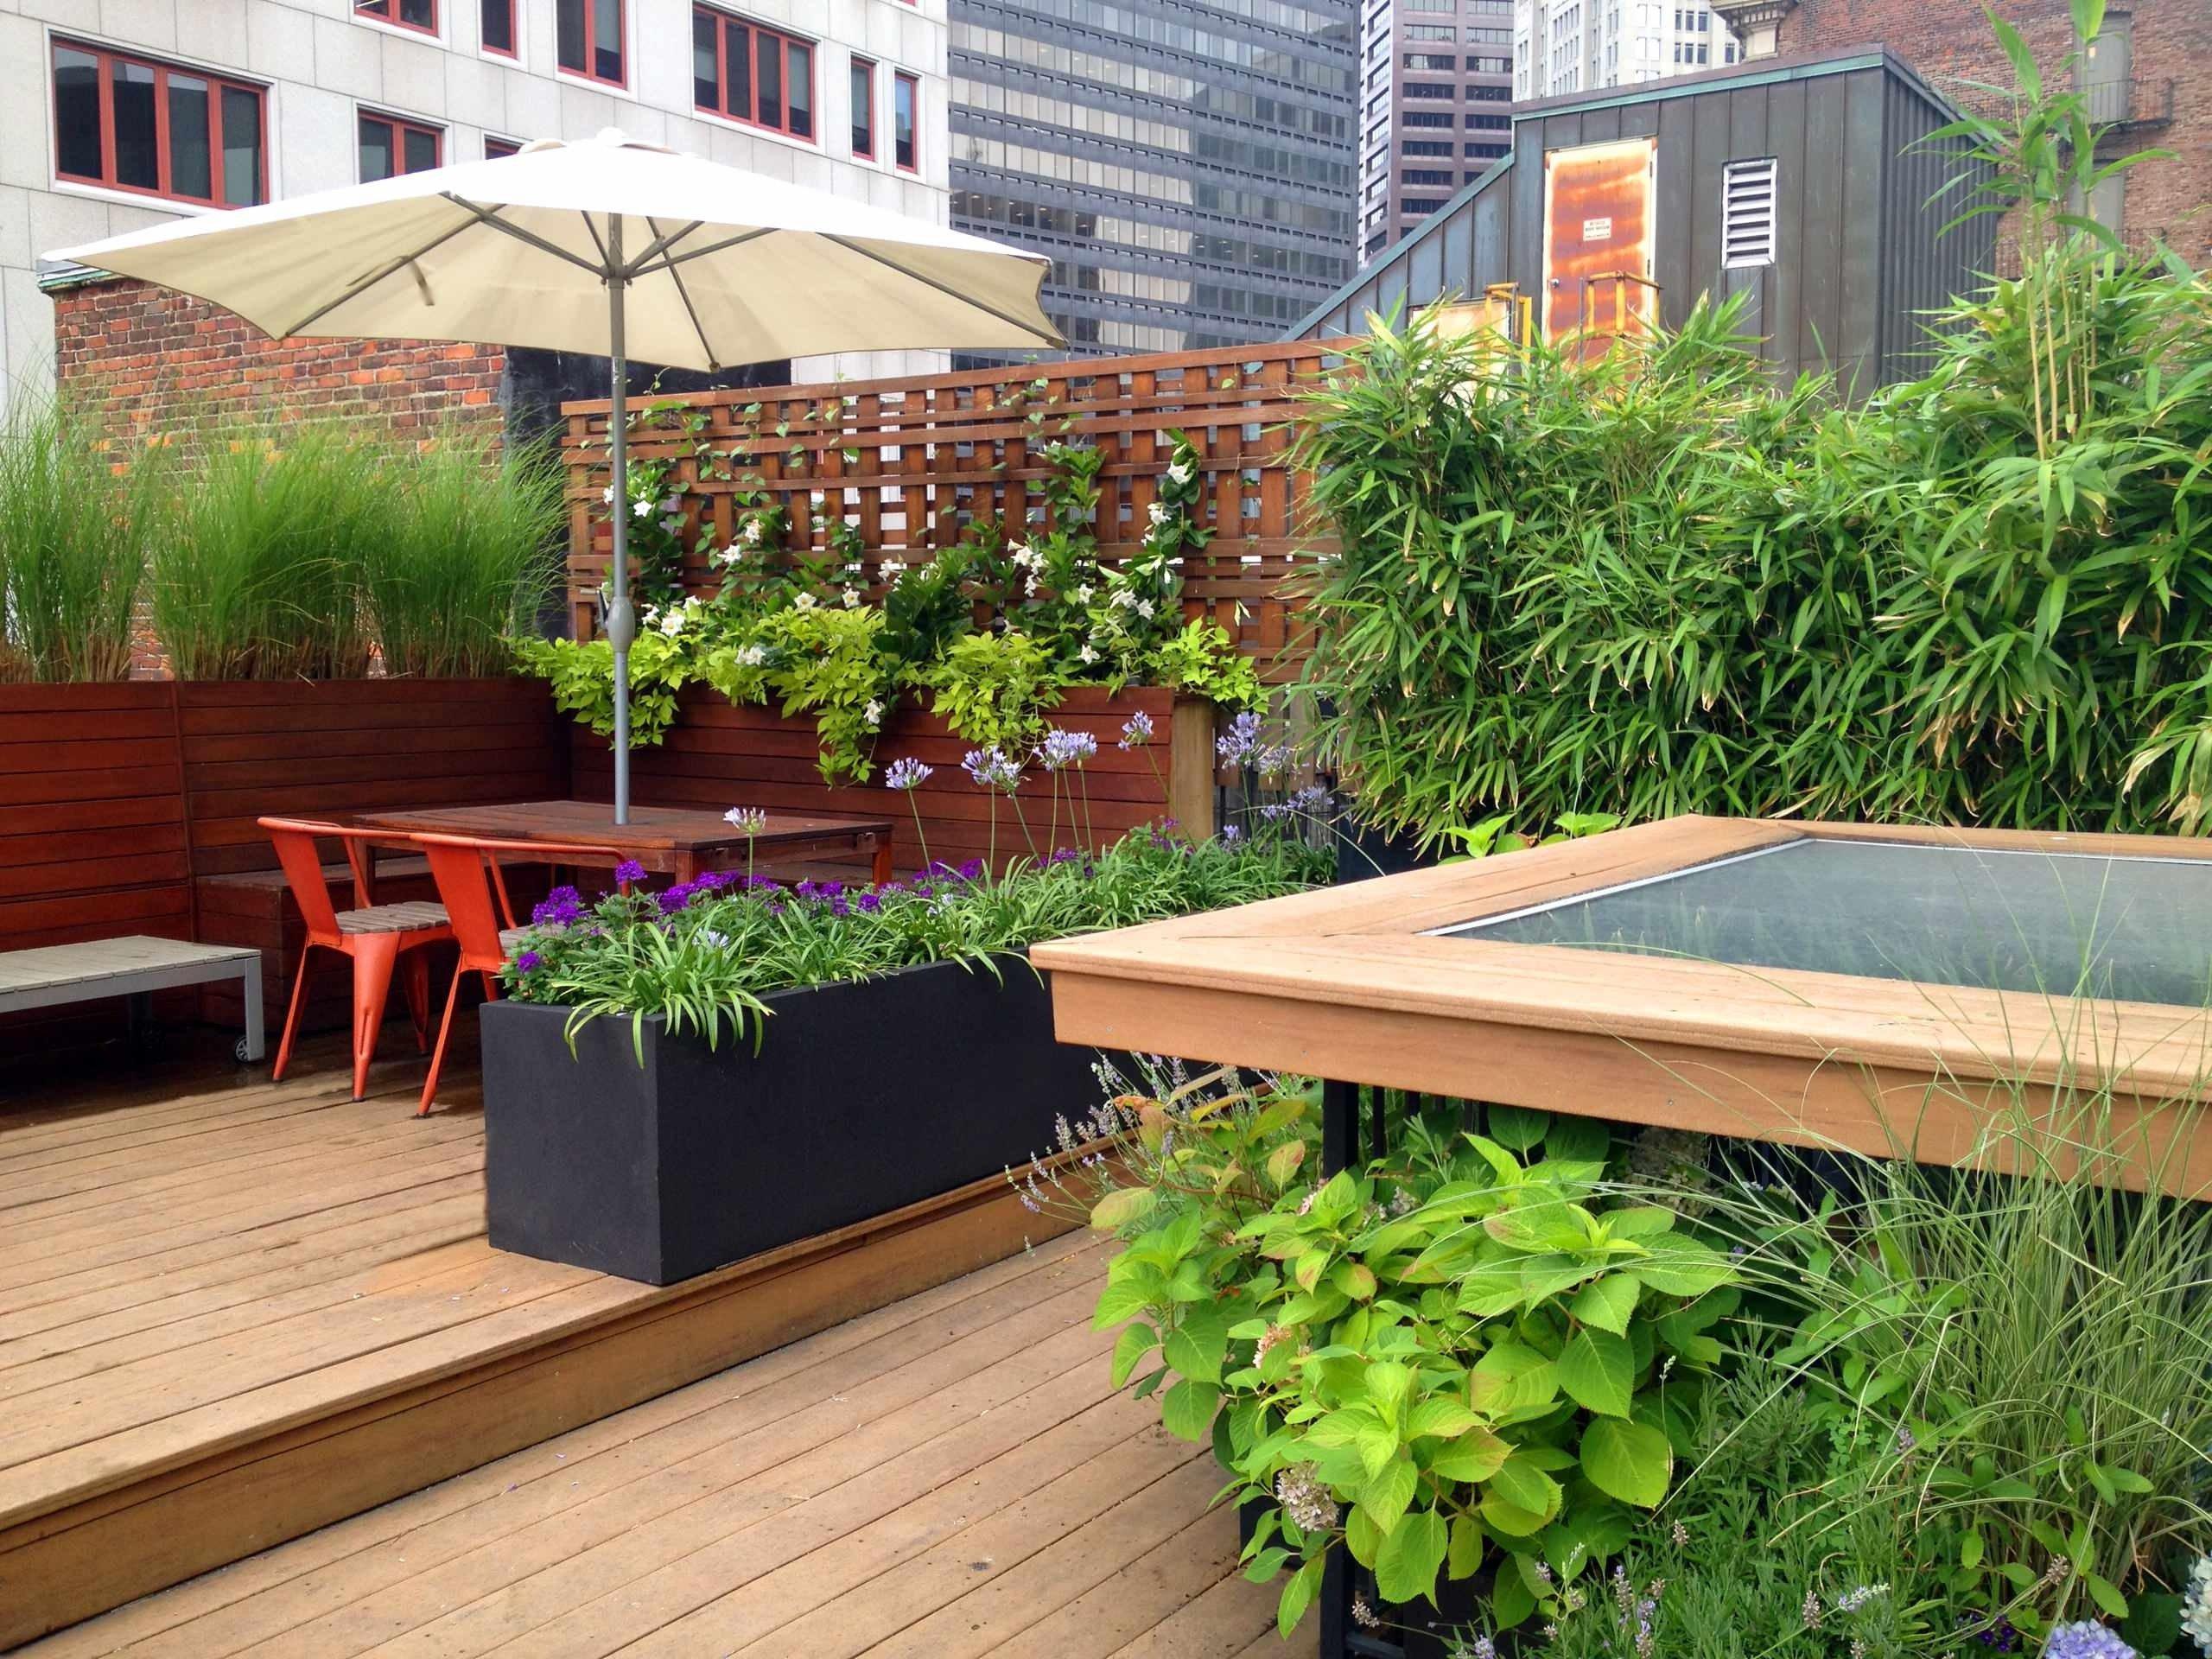 Schauen Sie sich unsere Galerie mit wunderschön gestalteten Balkons an und sammeln Sie Inspirationen davon, um den idealen Sonnenschirm zu kaufen.